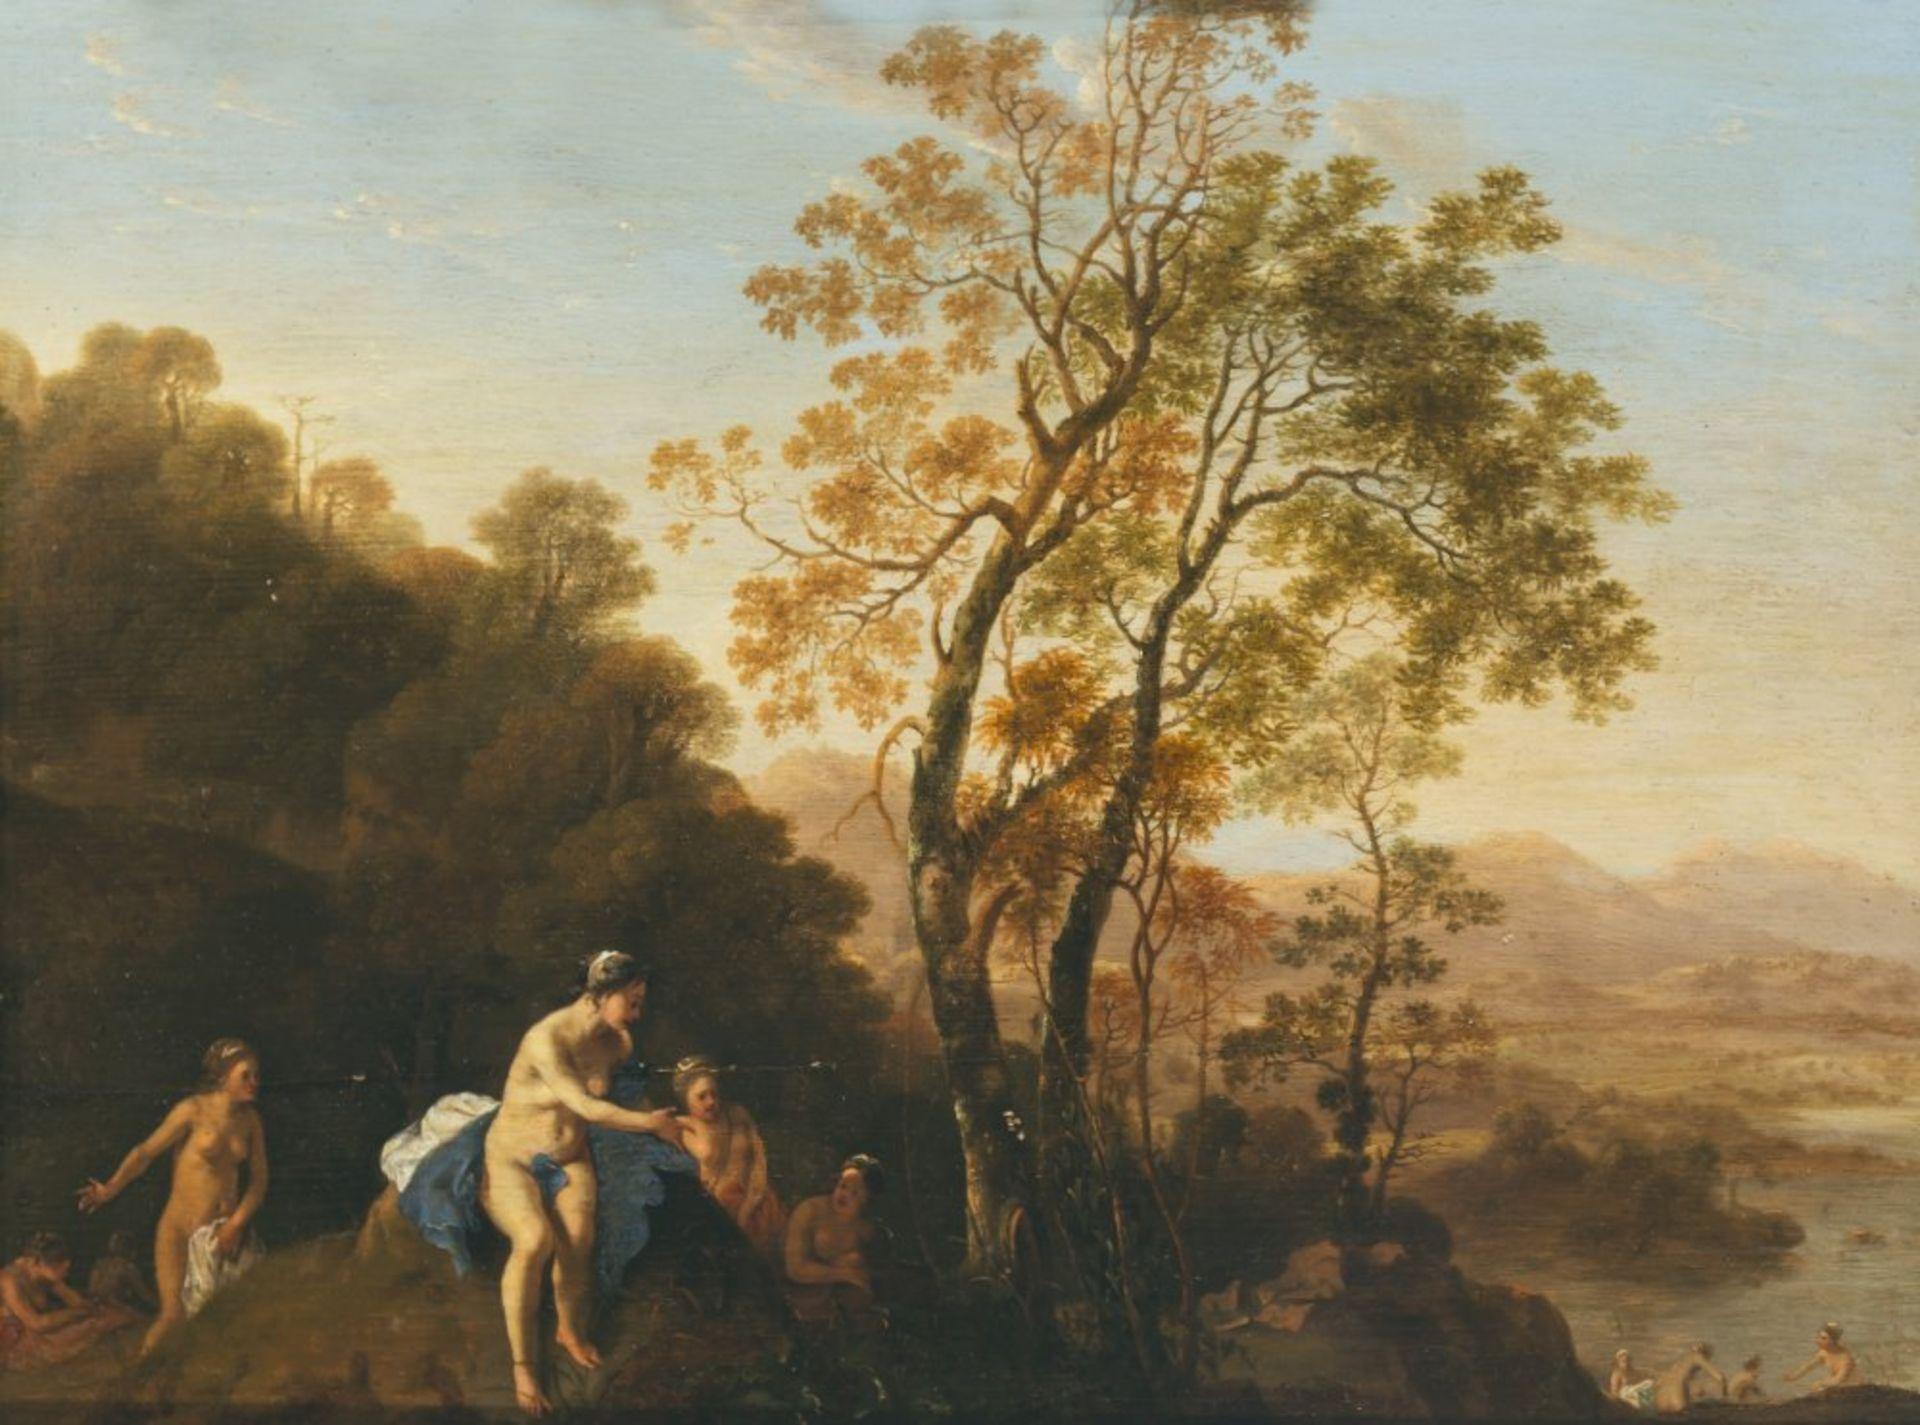 Lisse, Dirk van derDiana mit Nymphen in arkadischer Landschaft. Der holländische Maler und